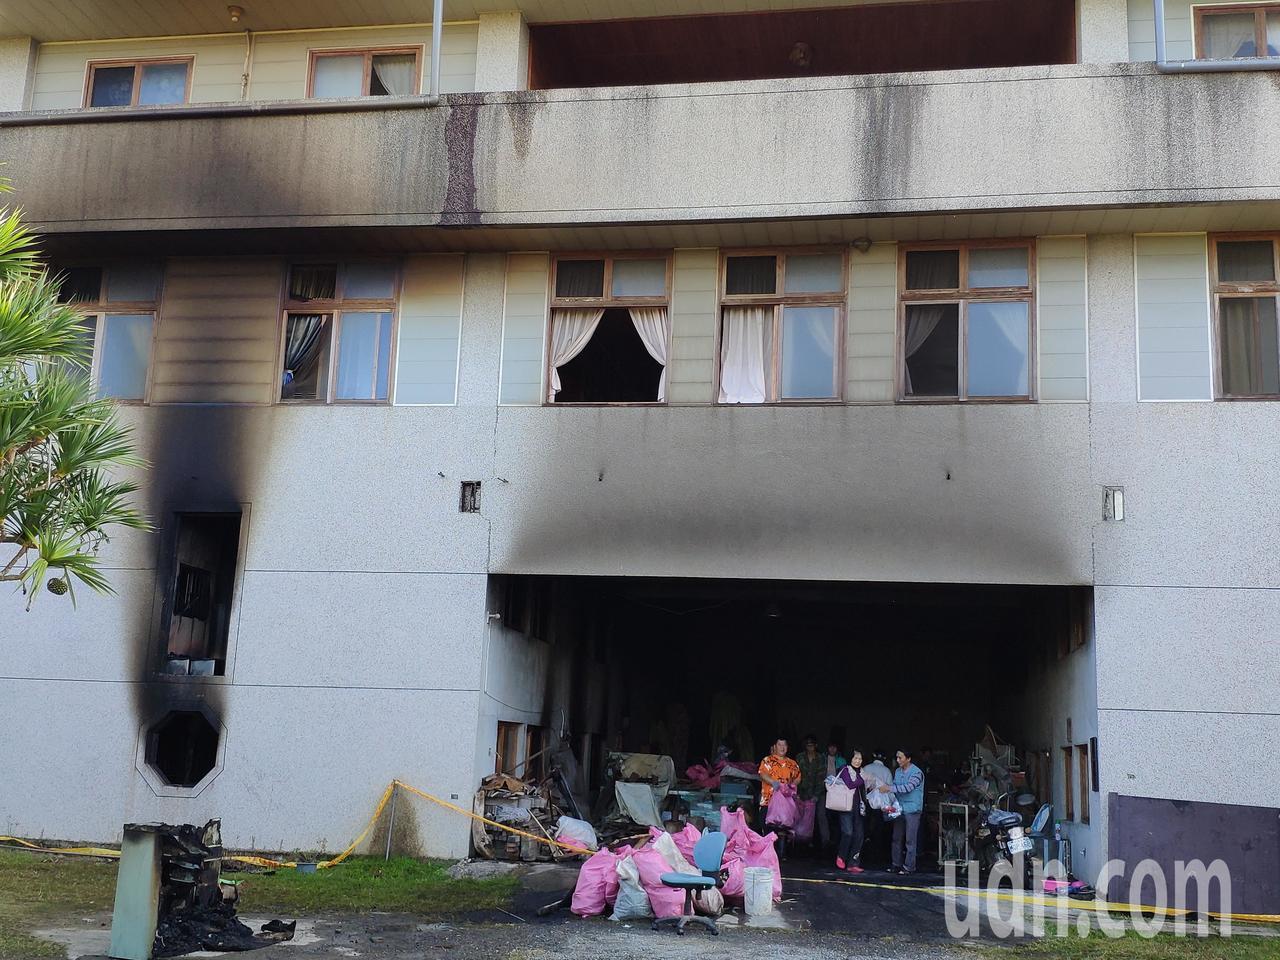 建物中間通道及左側門窗可看出大片煙燻痕跡。記者謝進盛/攝影